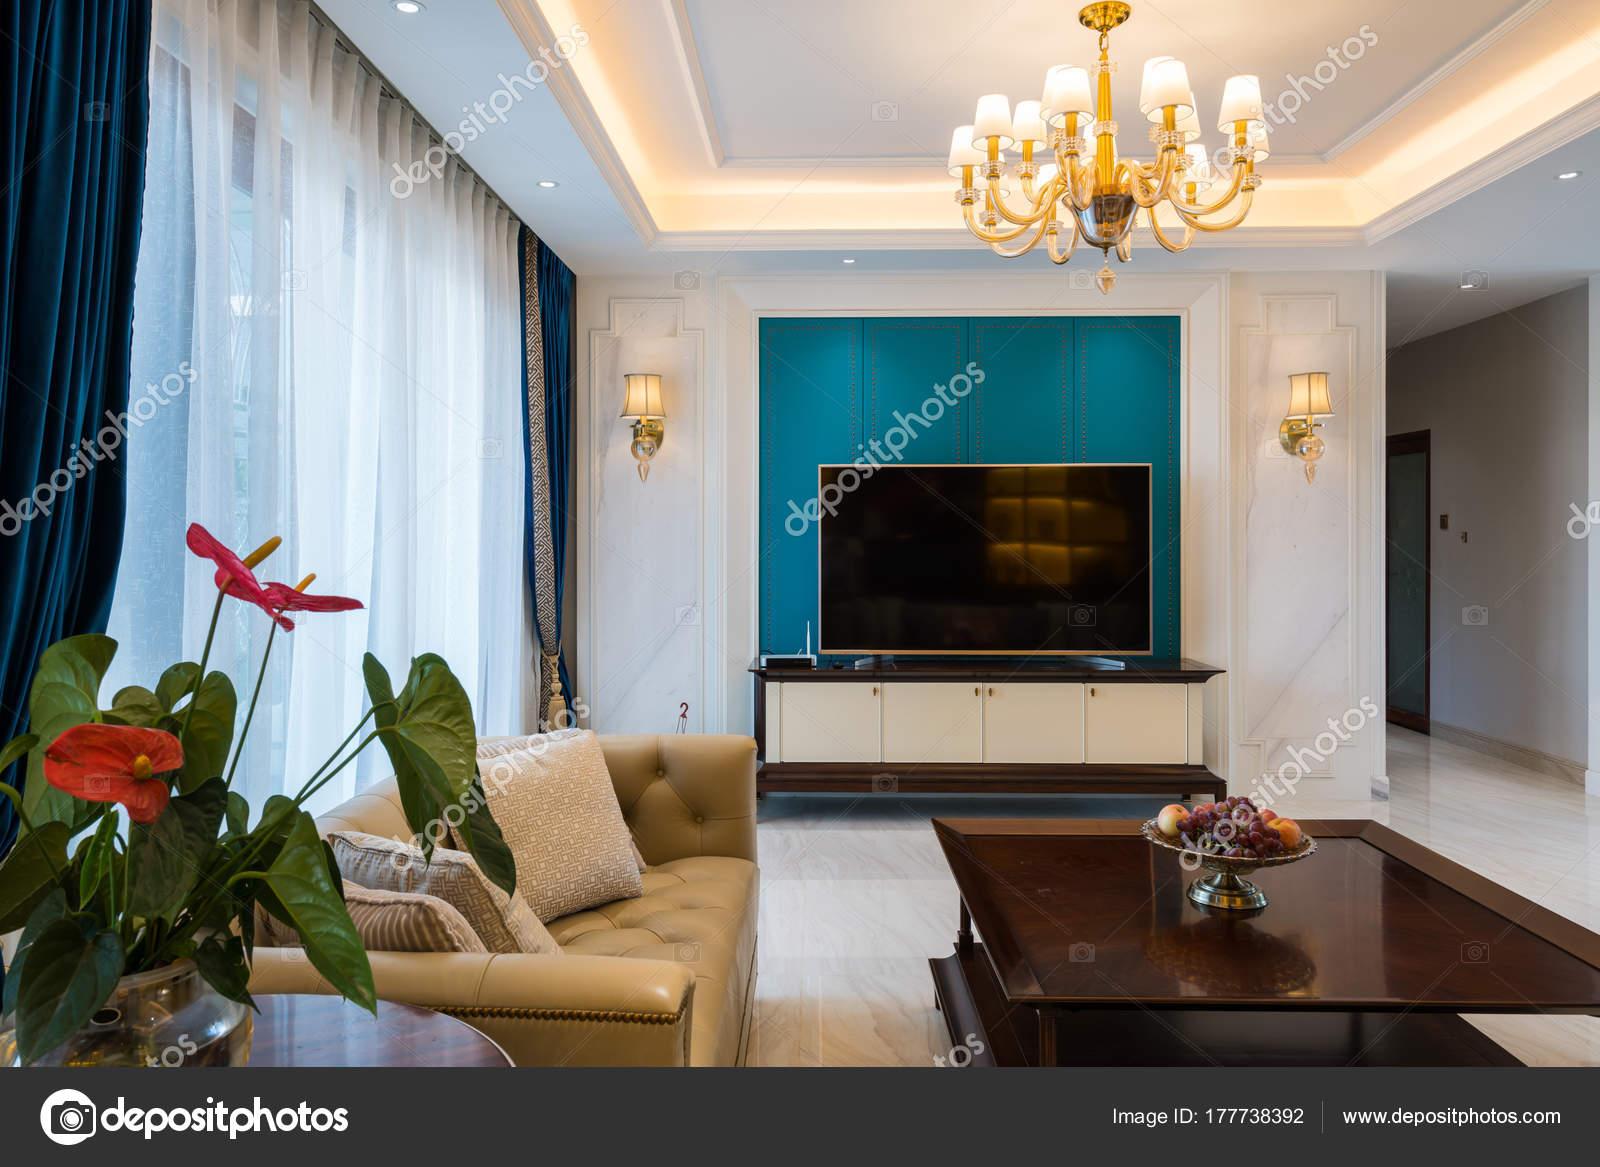 Huis interieur met luxe decoratie u stockfoto roseburn djob